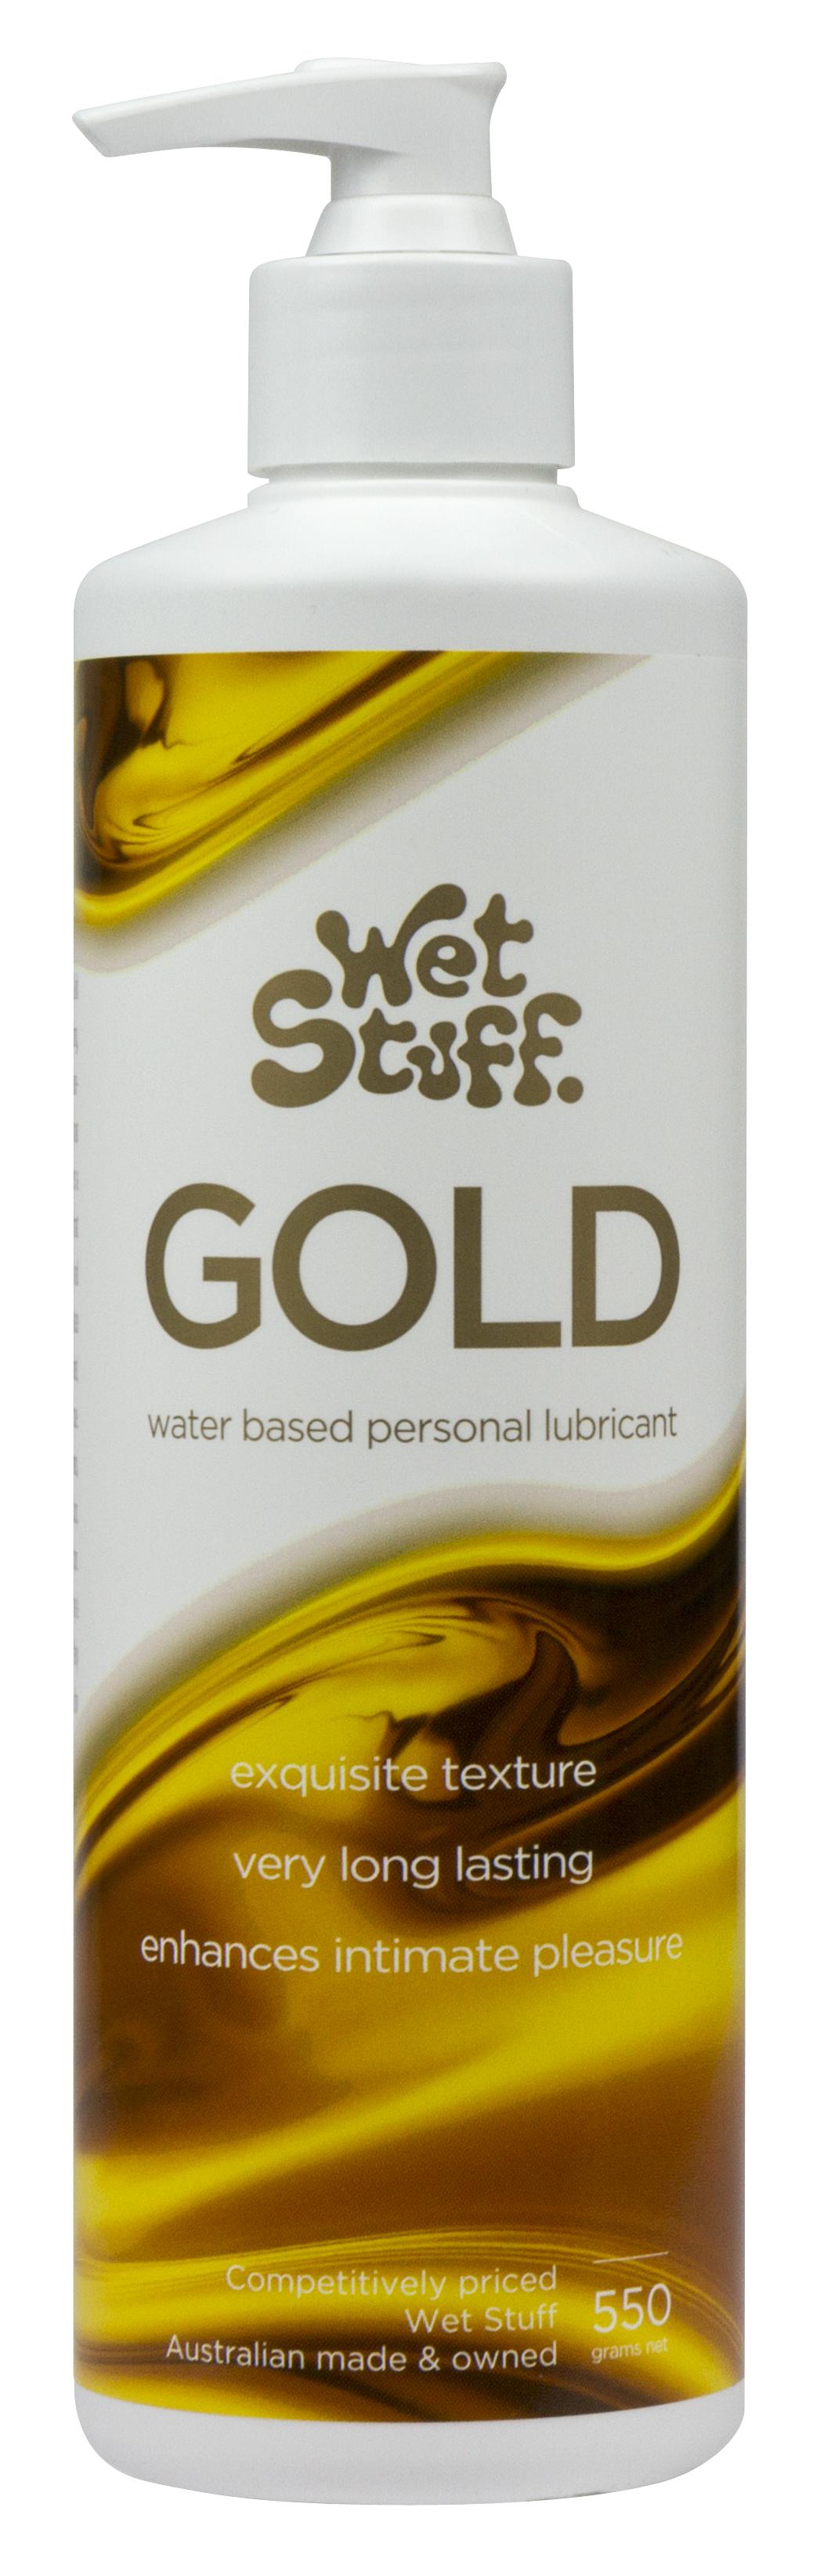 Gold 550g WSG5.03.jpg